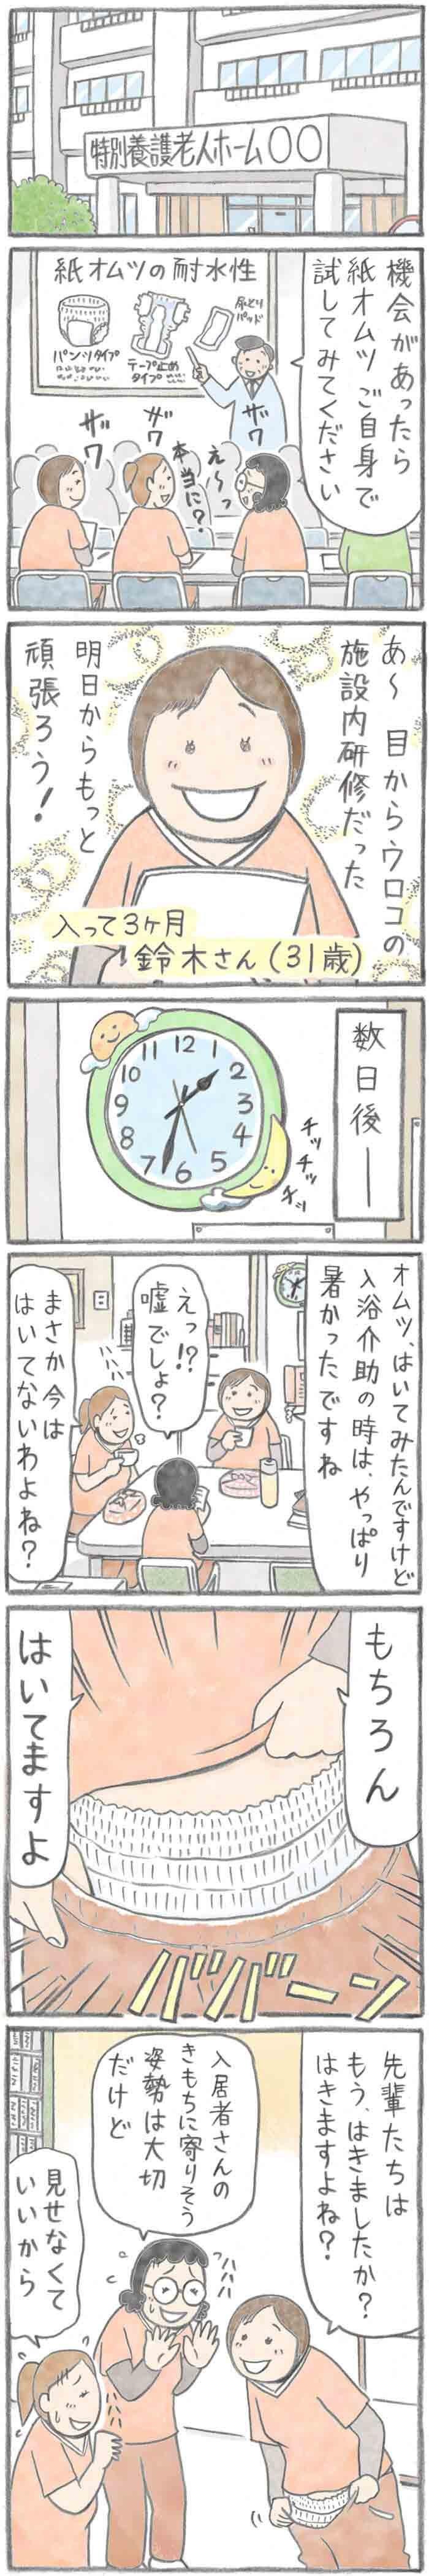 comictohoho_20200528_01.jpg